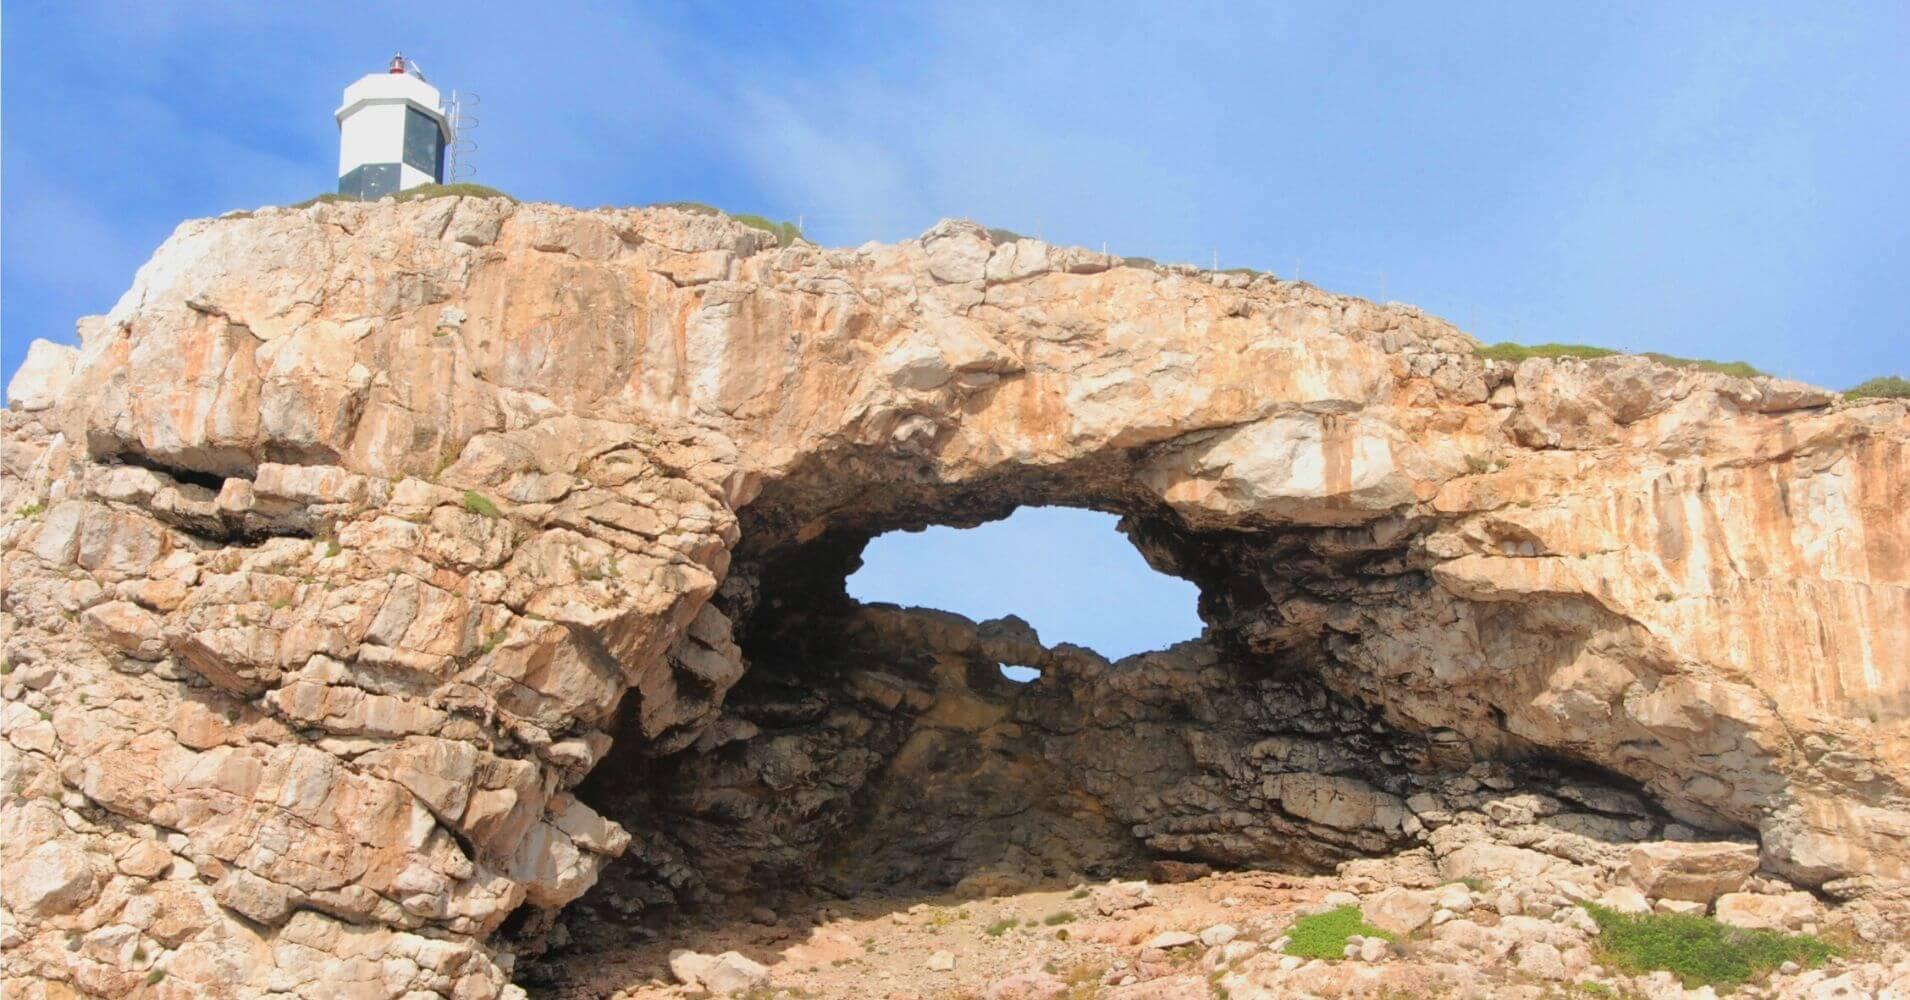 Faro del Parque Nacional Archipiélago de Cabrera. Islas Baleares.